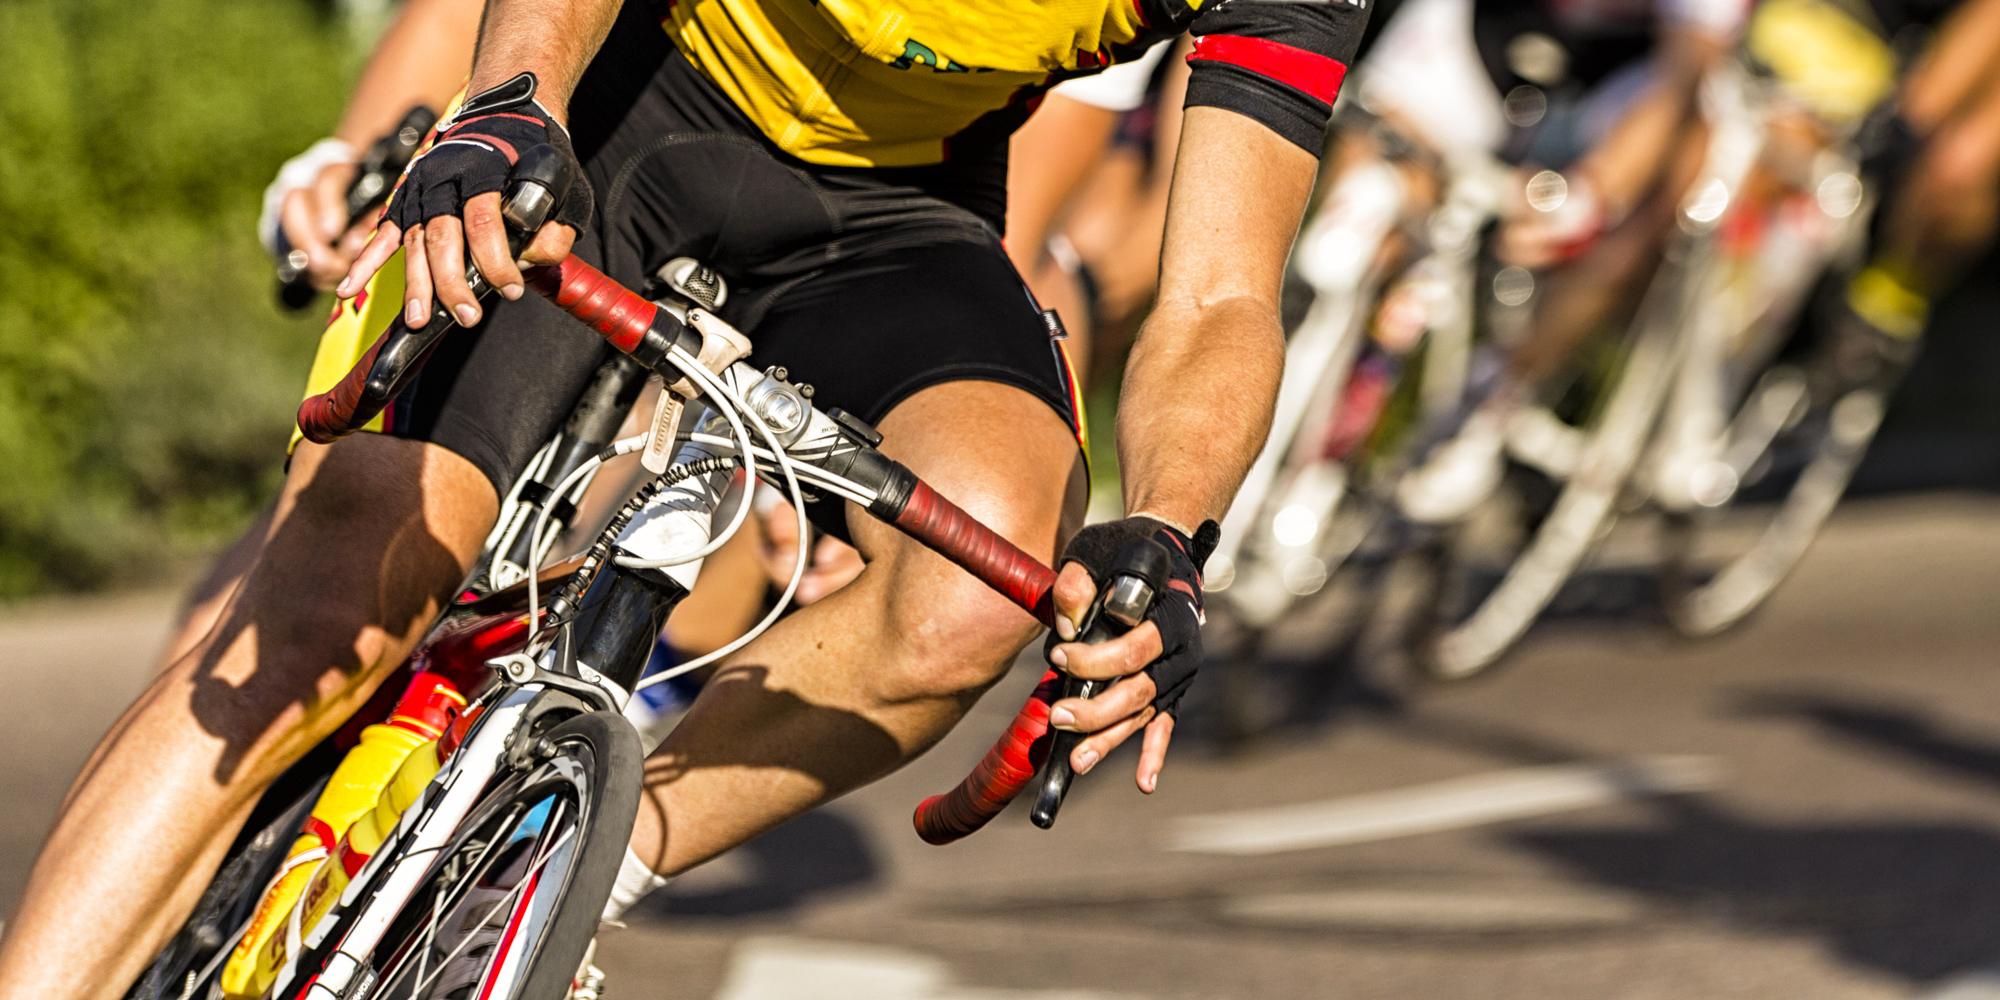 dieta per ciclismo agonistico